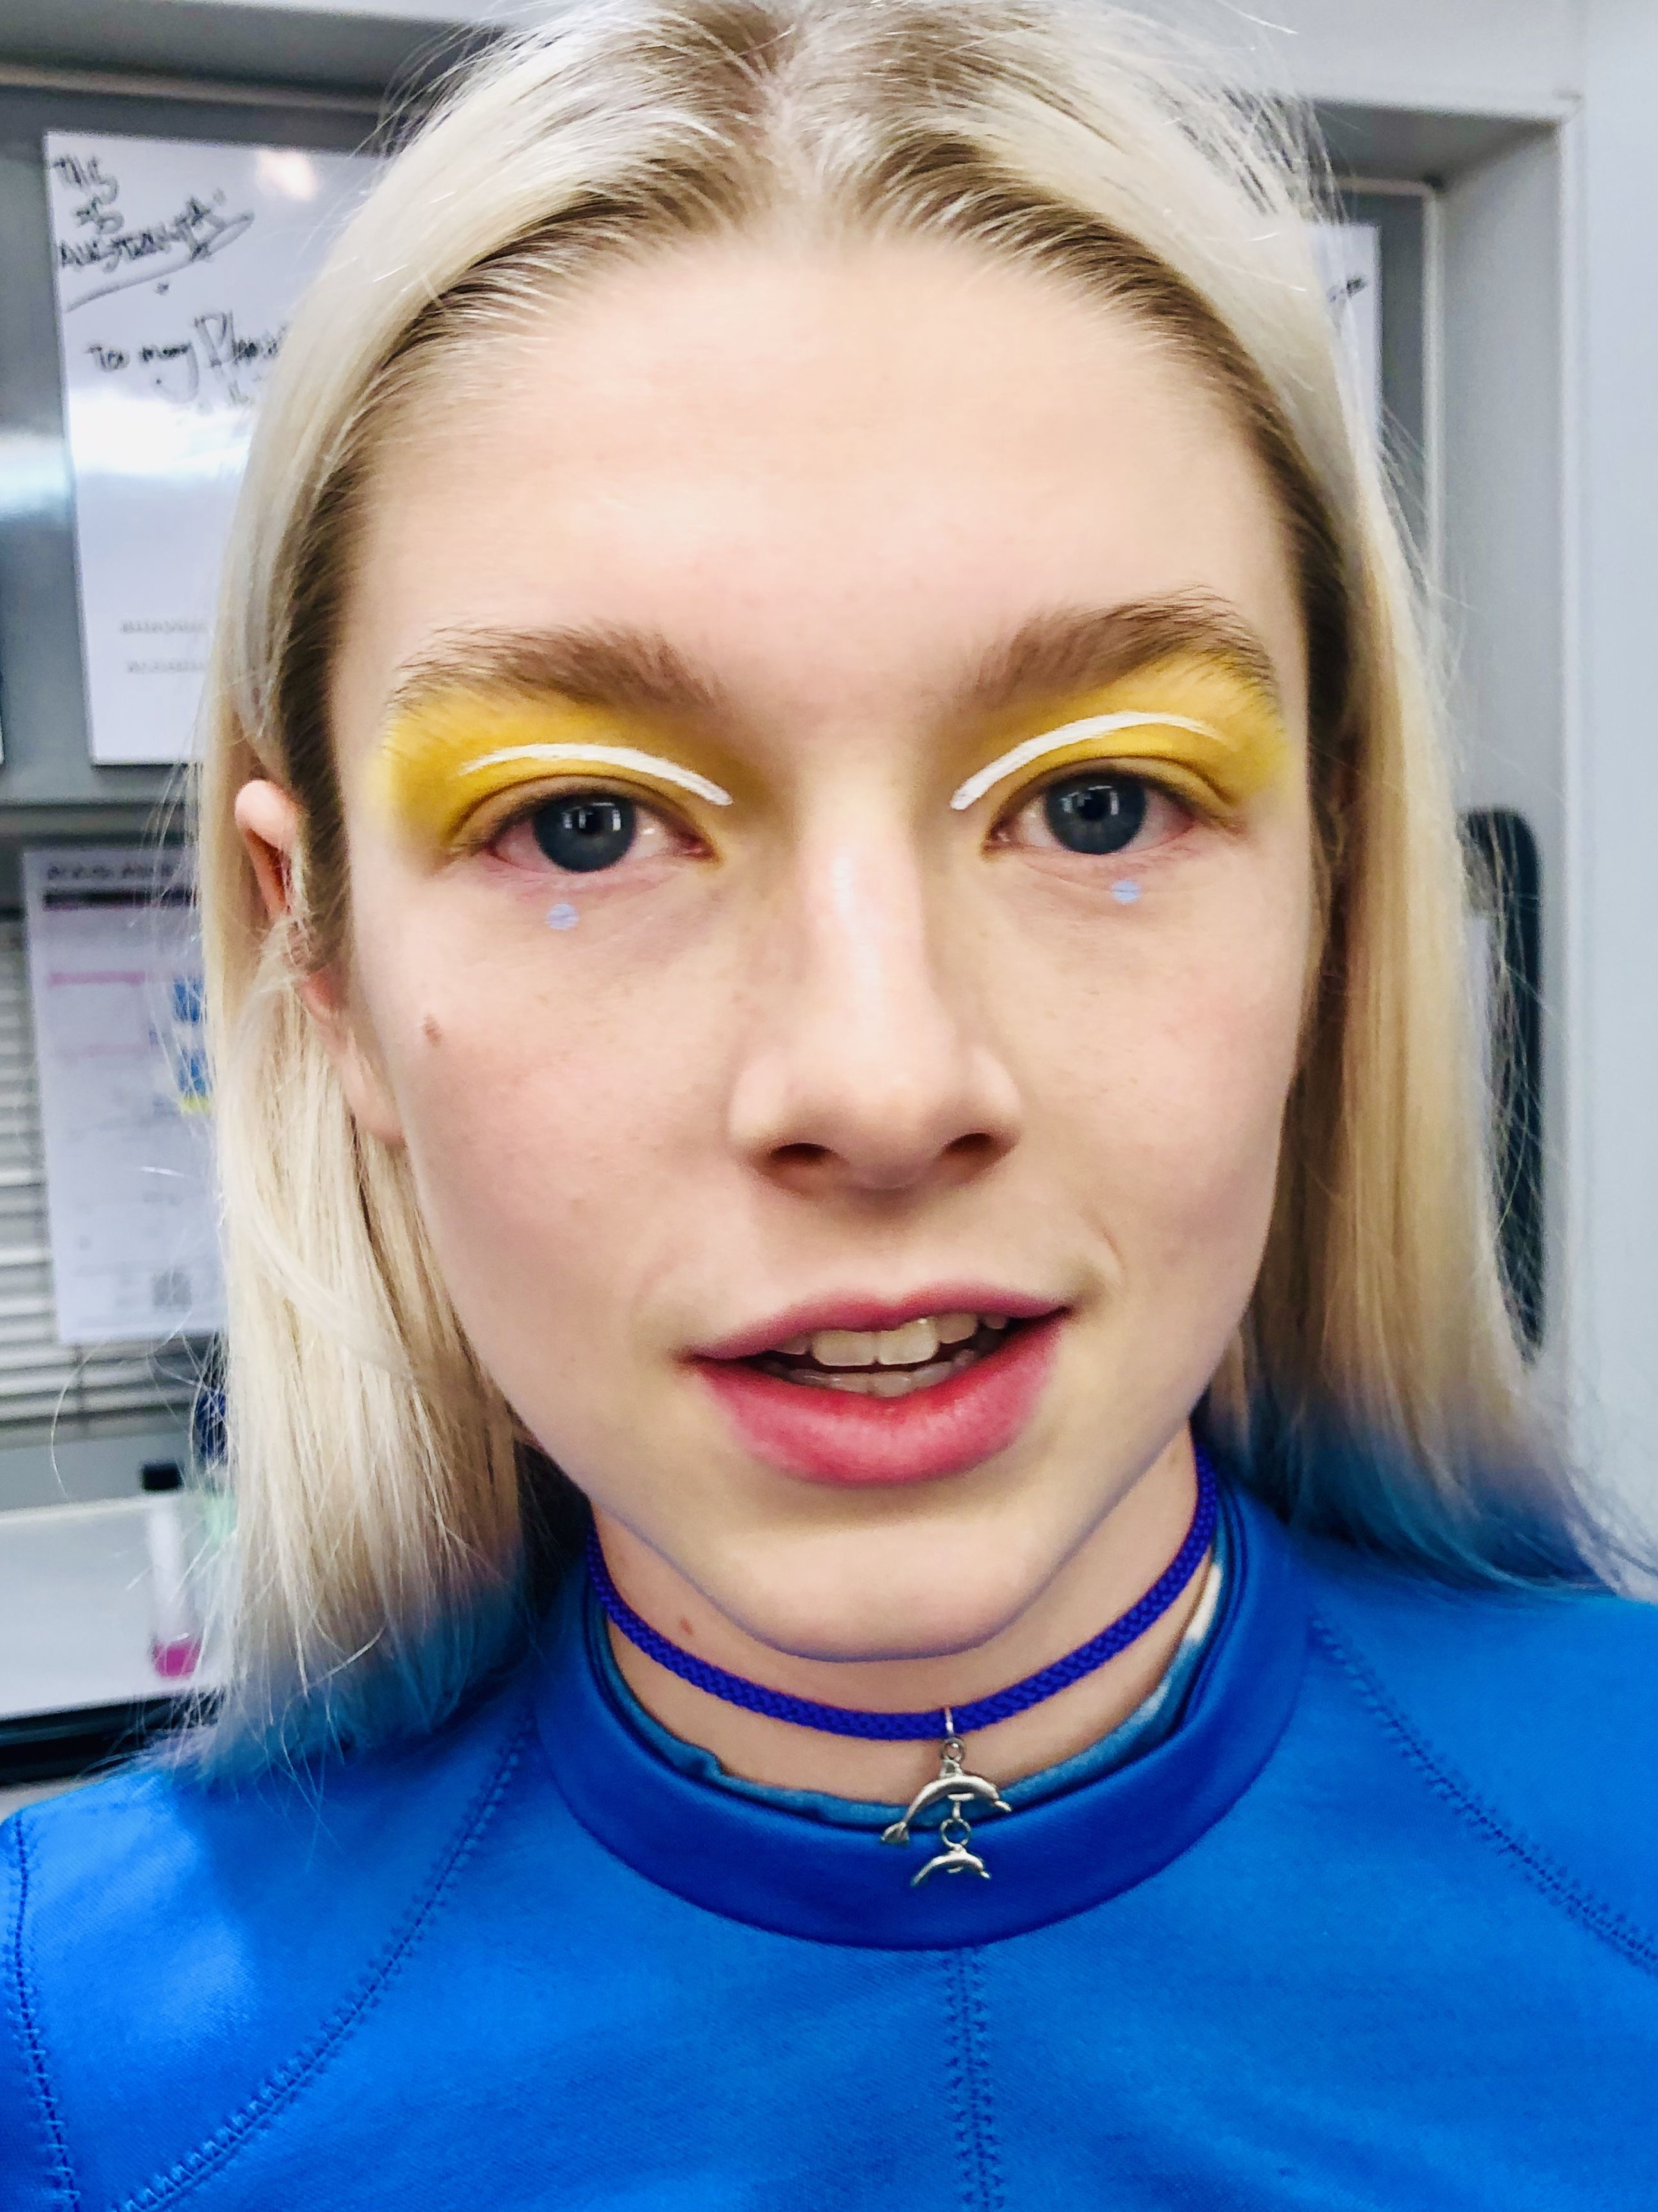 The Makeup On E U P H O R I A In 2019 Zendaya Makeup Eye